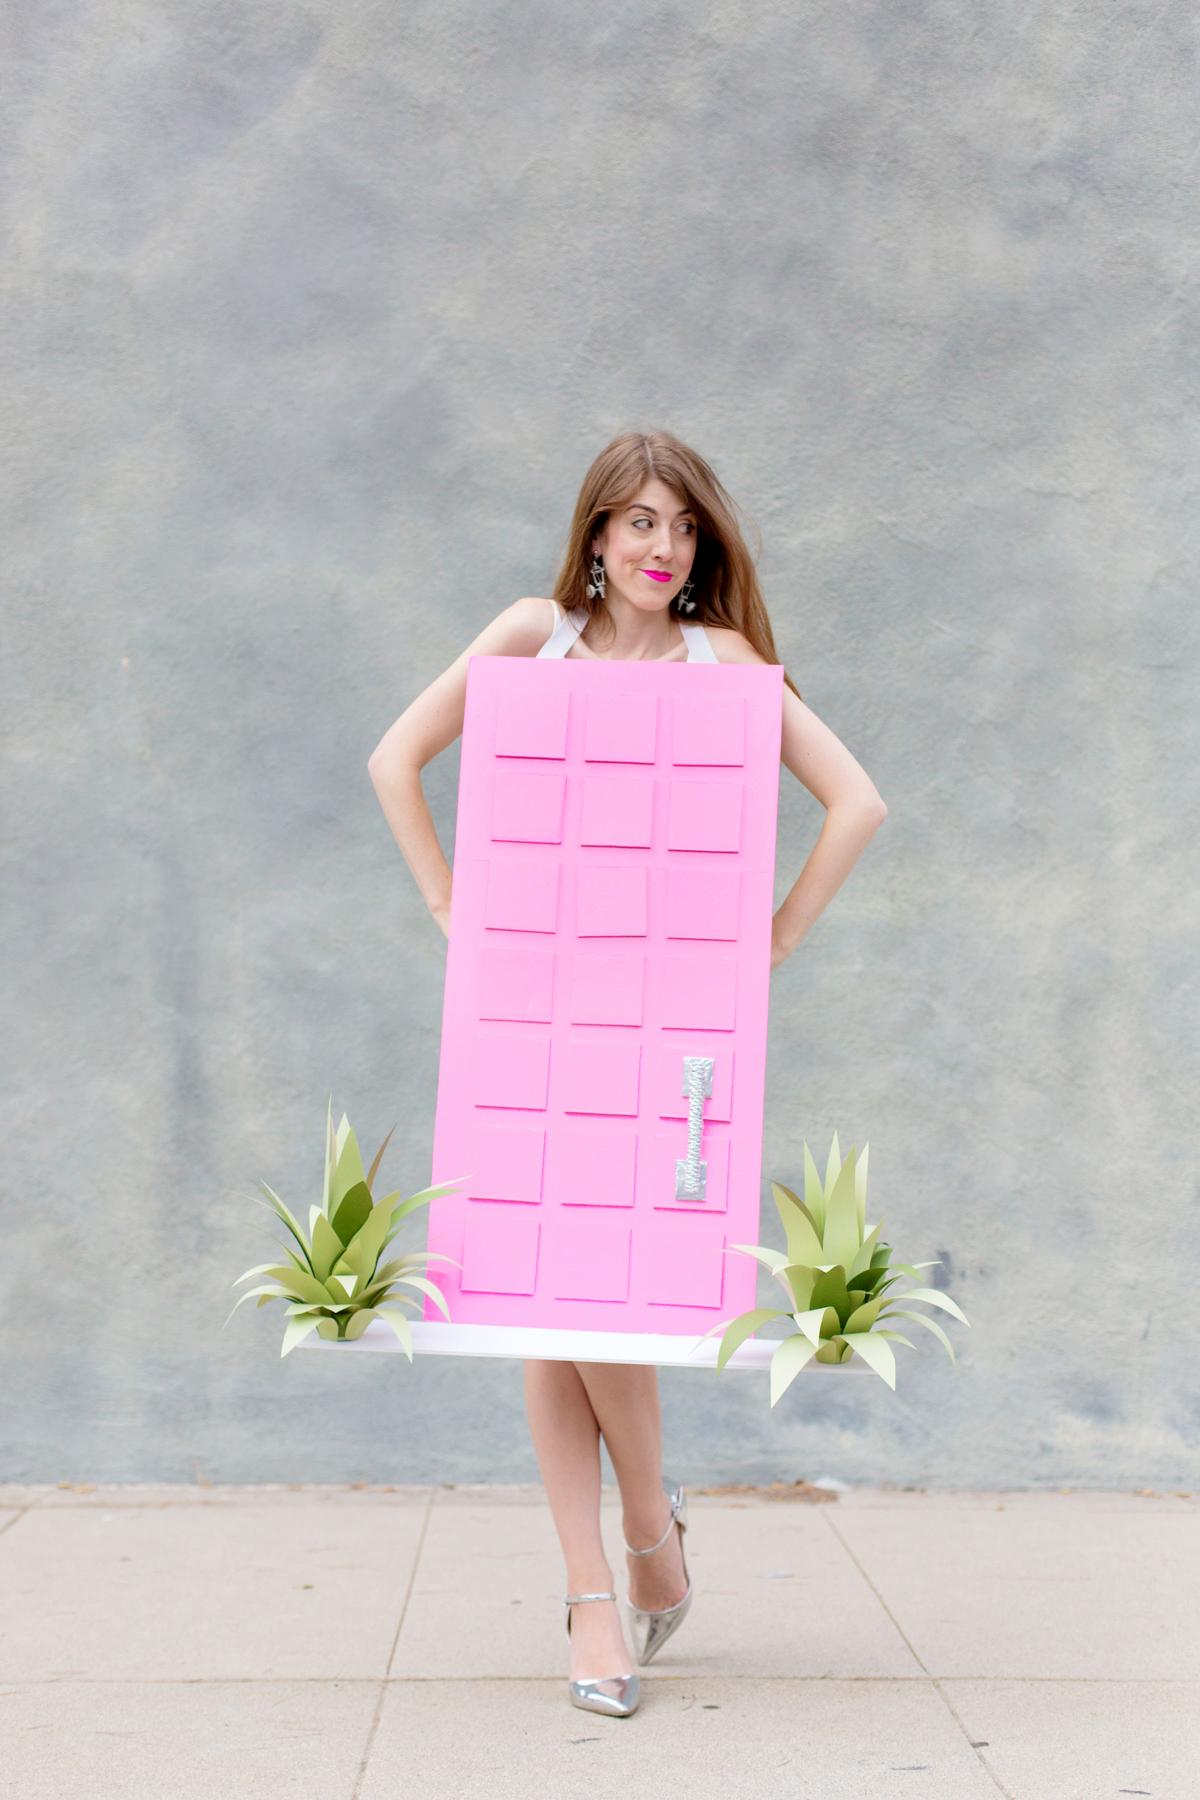 Diy Quot That Pink Door Quot Costume Studio Diy